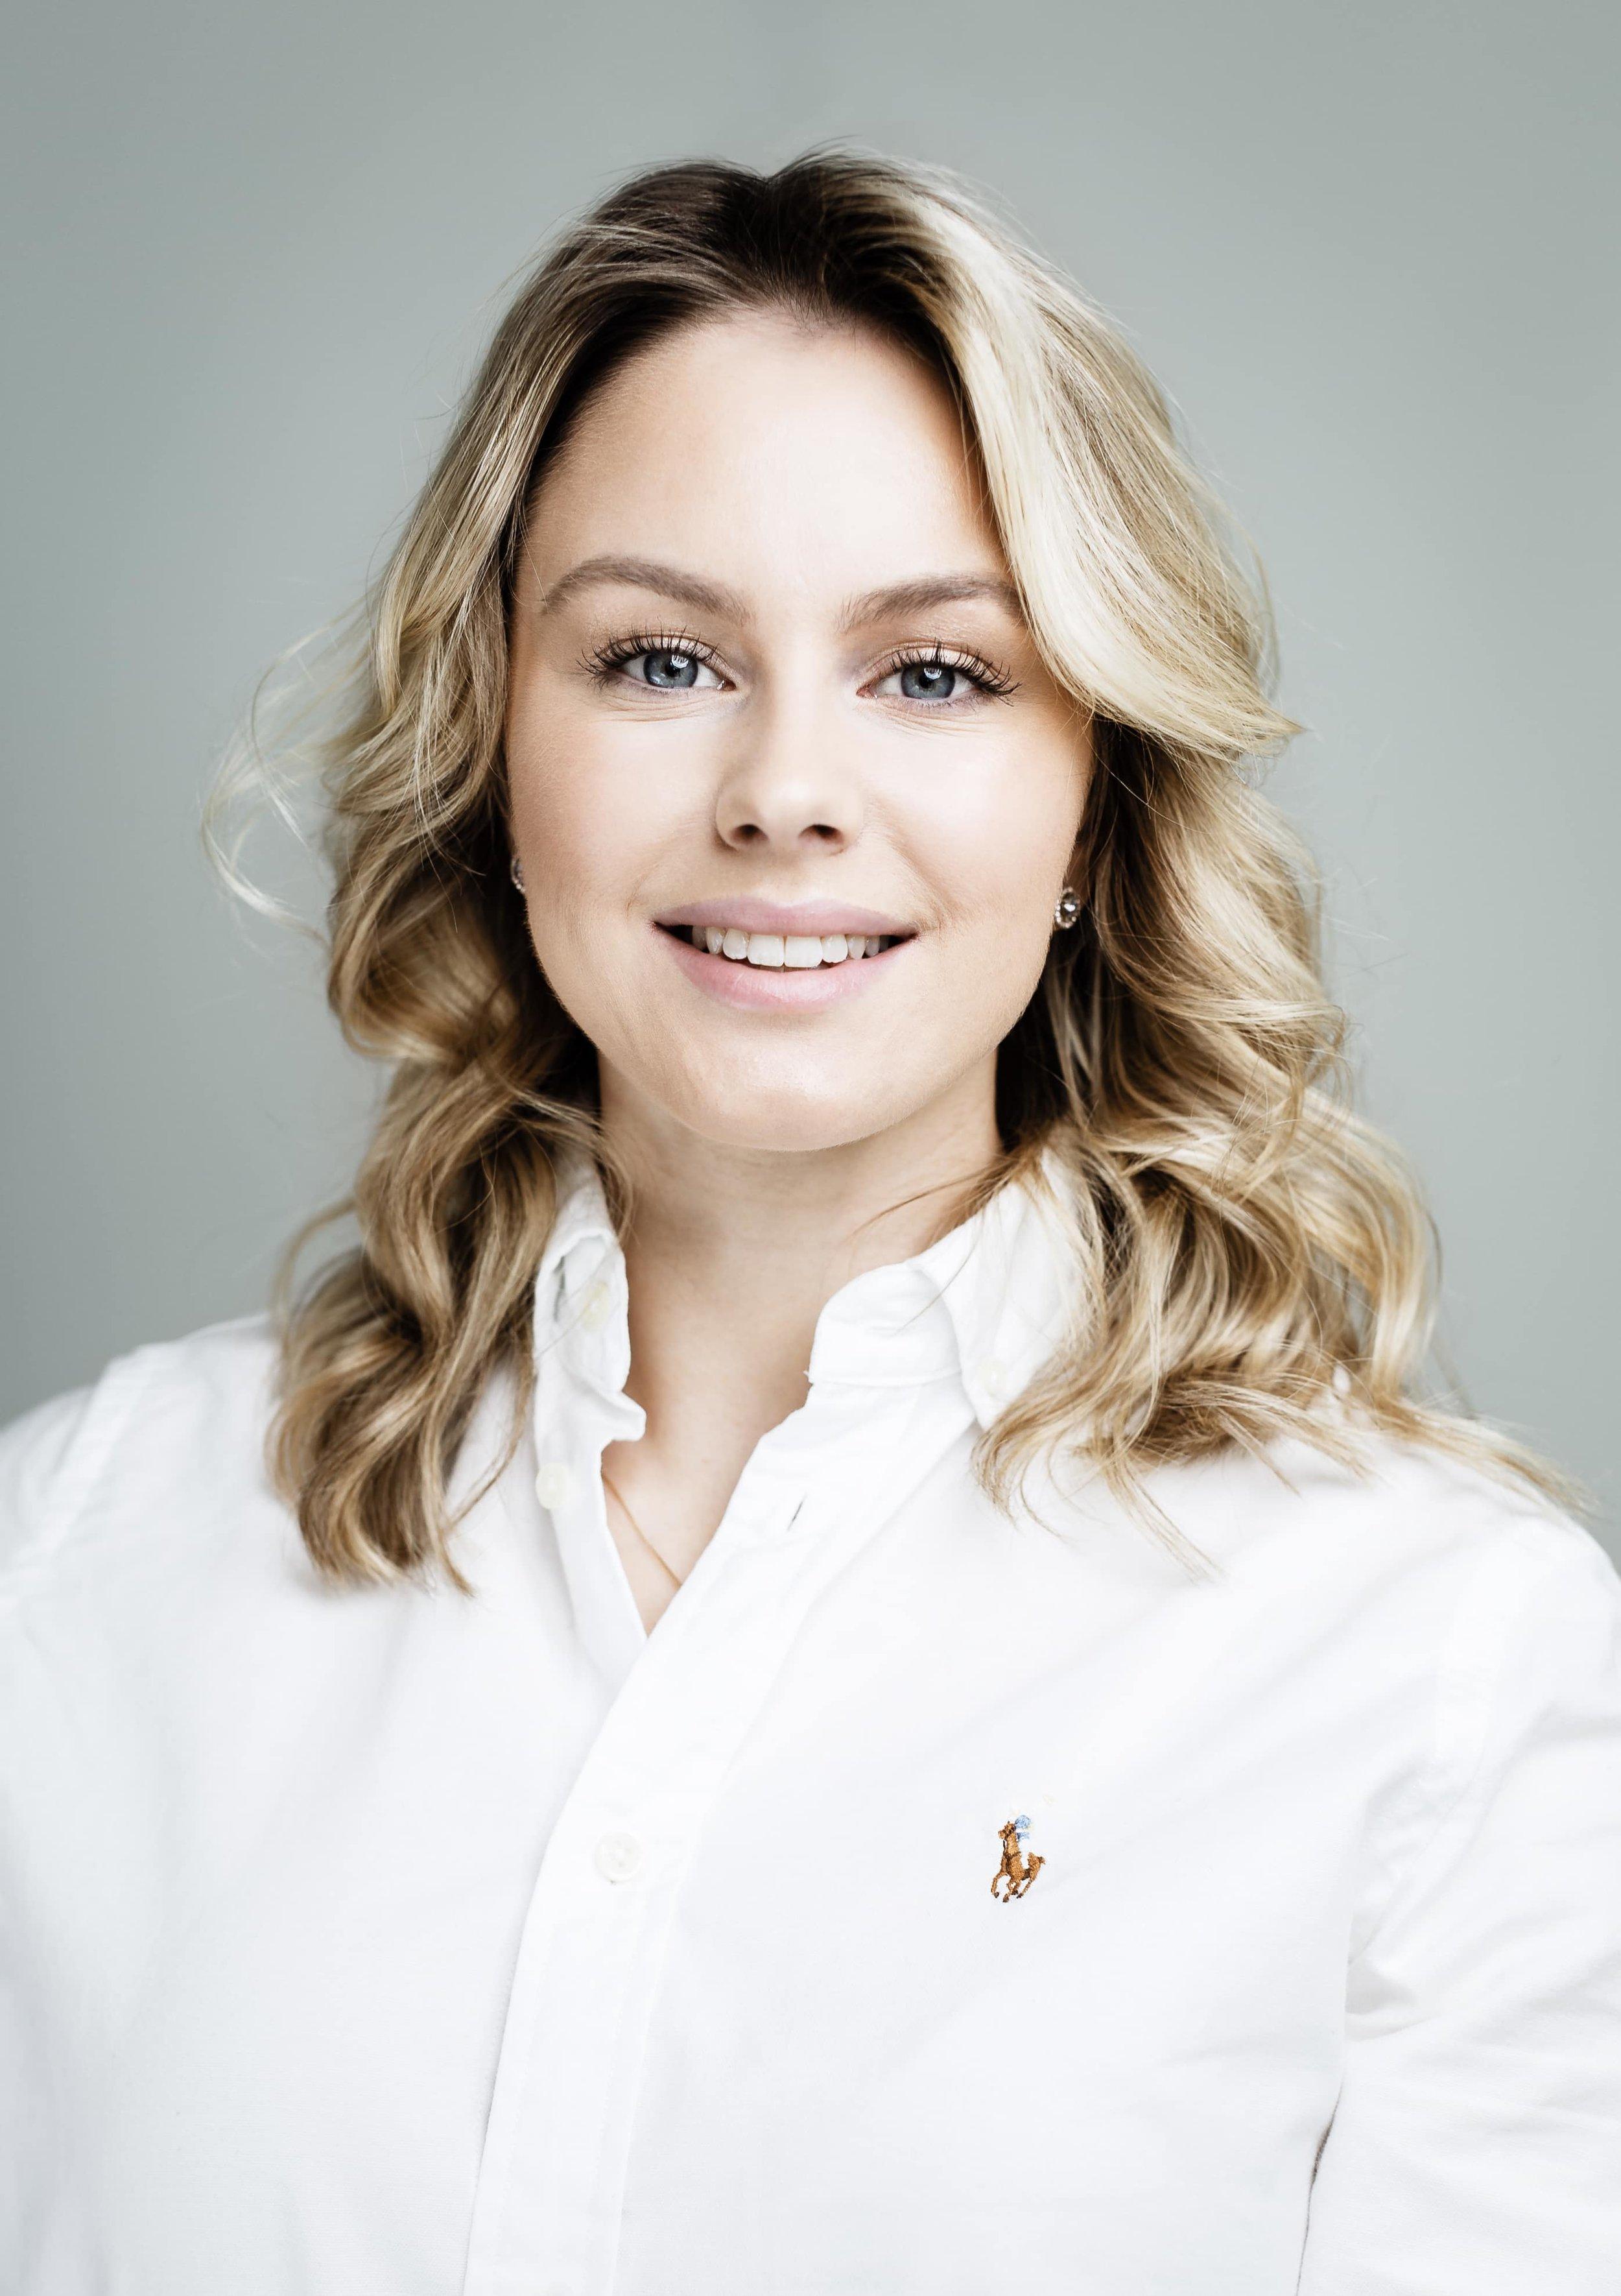 Tove Svansson - Vi förstärker vårt team med Tove Svansson! Tove studerar personaladministration vid Påhlmans handelsinstitut och kommer vid sidan av studierna hjälpa oss att hitta de bästa som finns inom IT.- Jag är en positiv och glad tjej som har påbörjat mina studier inom Personaladministration i Stockholm. Jag kommer till HCM med en bakgrund inom rekrytering och bemanning inom försäkringsbranschen.Tove kommer att gå in i rollen som researcher hos oss på HCM Partner och stärka upp vårt team där vi hittar guldkornen inom IT.- Jag har sedan tidigare arbetat med rekrytering inom försäljning - och försäkringsbranschen. Jag ser rollen som researcher hos HCM som ett bra steg för mig för att utvecklas ännu mer inom IT-rekrytering men också som person.Genom att att välja rekryteringsbyrå vid rekrytering kan ditt företag lägga fokus på andra delar av företagets utveckling och istället låta experterna sköta rekryteringen. Allt handlar om att få rätt kompetens på rätt plats.Vi på HCM Partner önskar Tove varmt välkommen till teamet och ser fram emot att sen henne utvecklas hos oss!